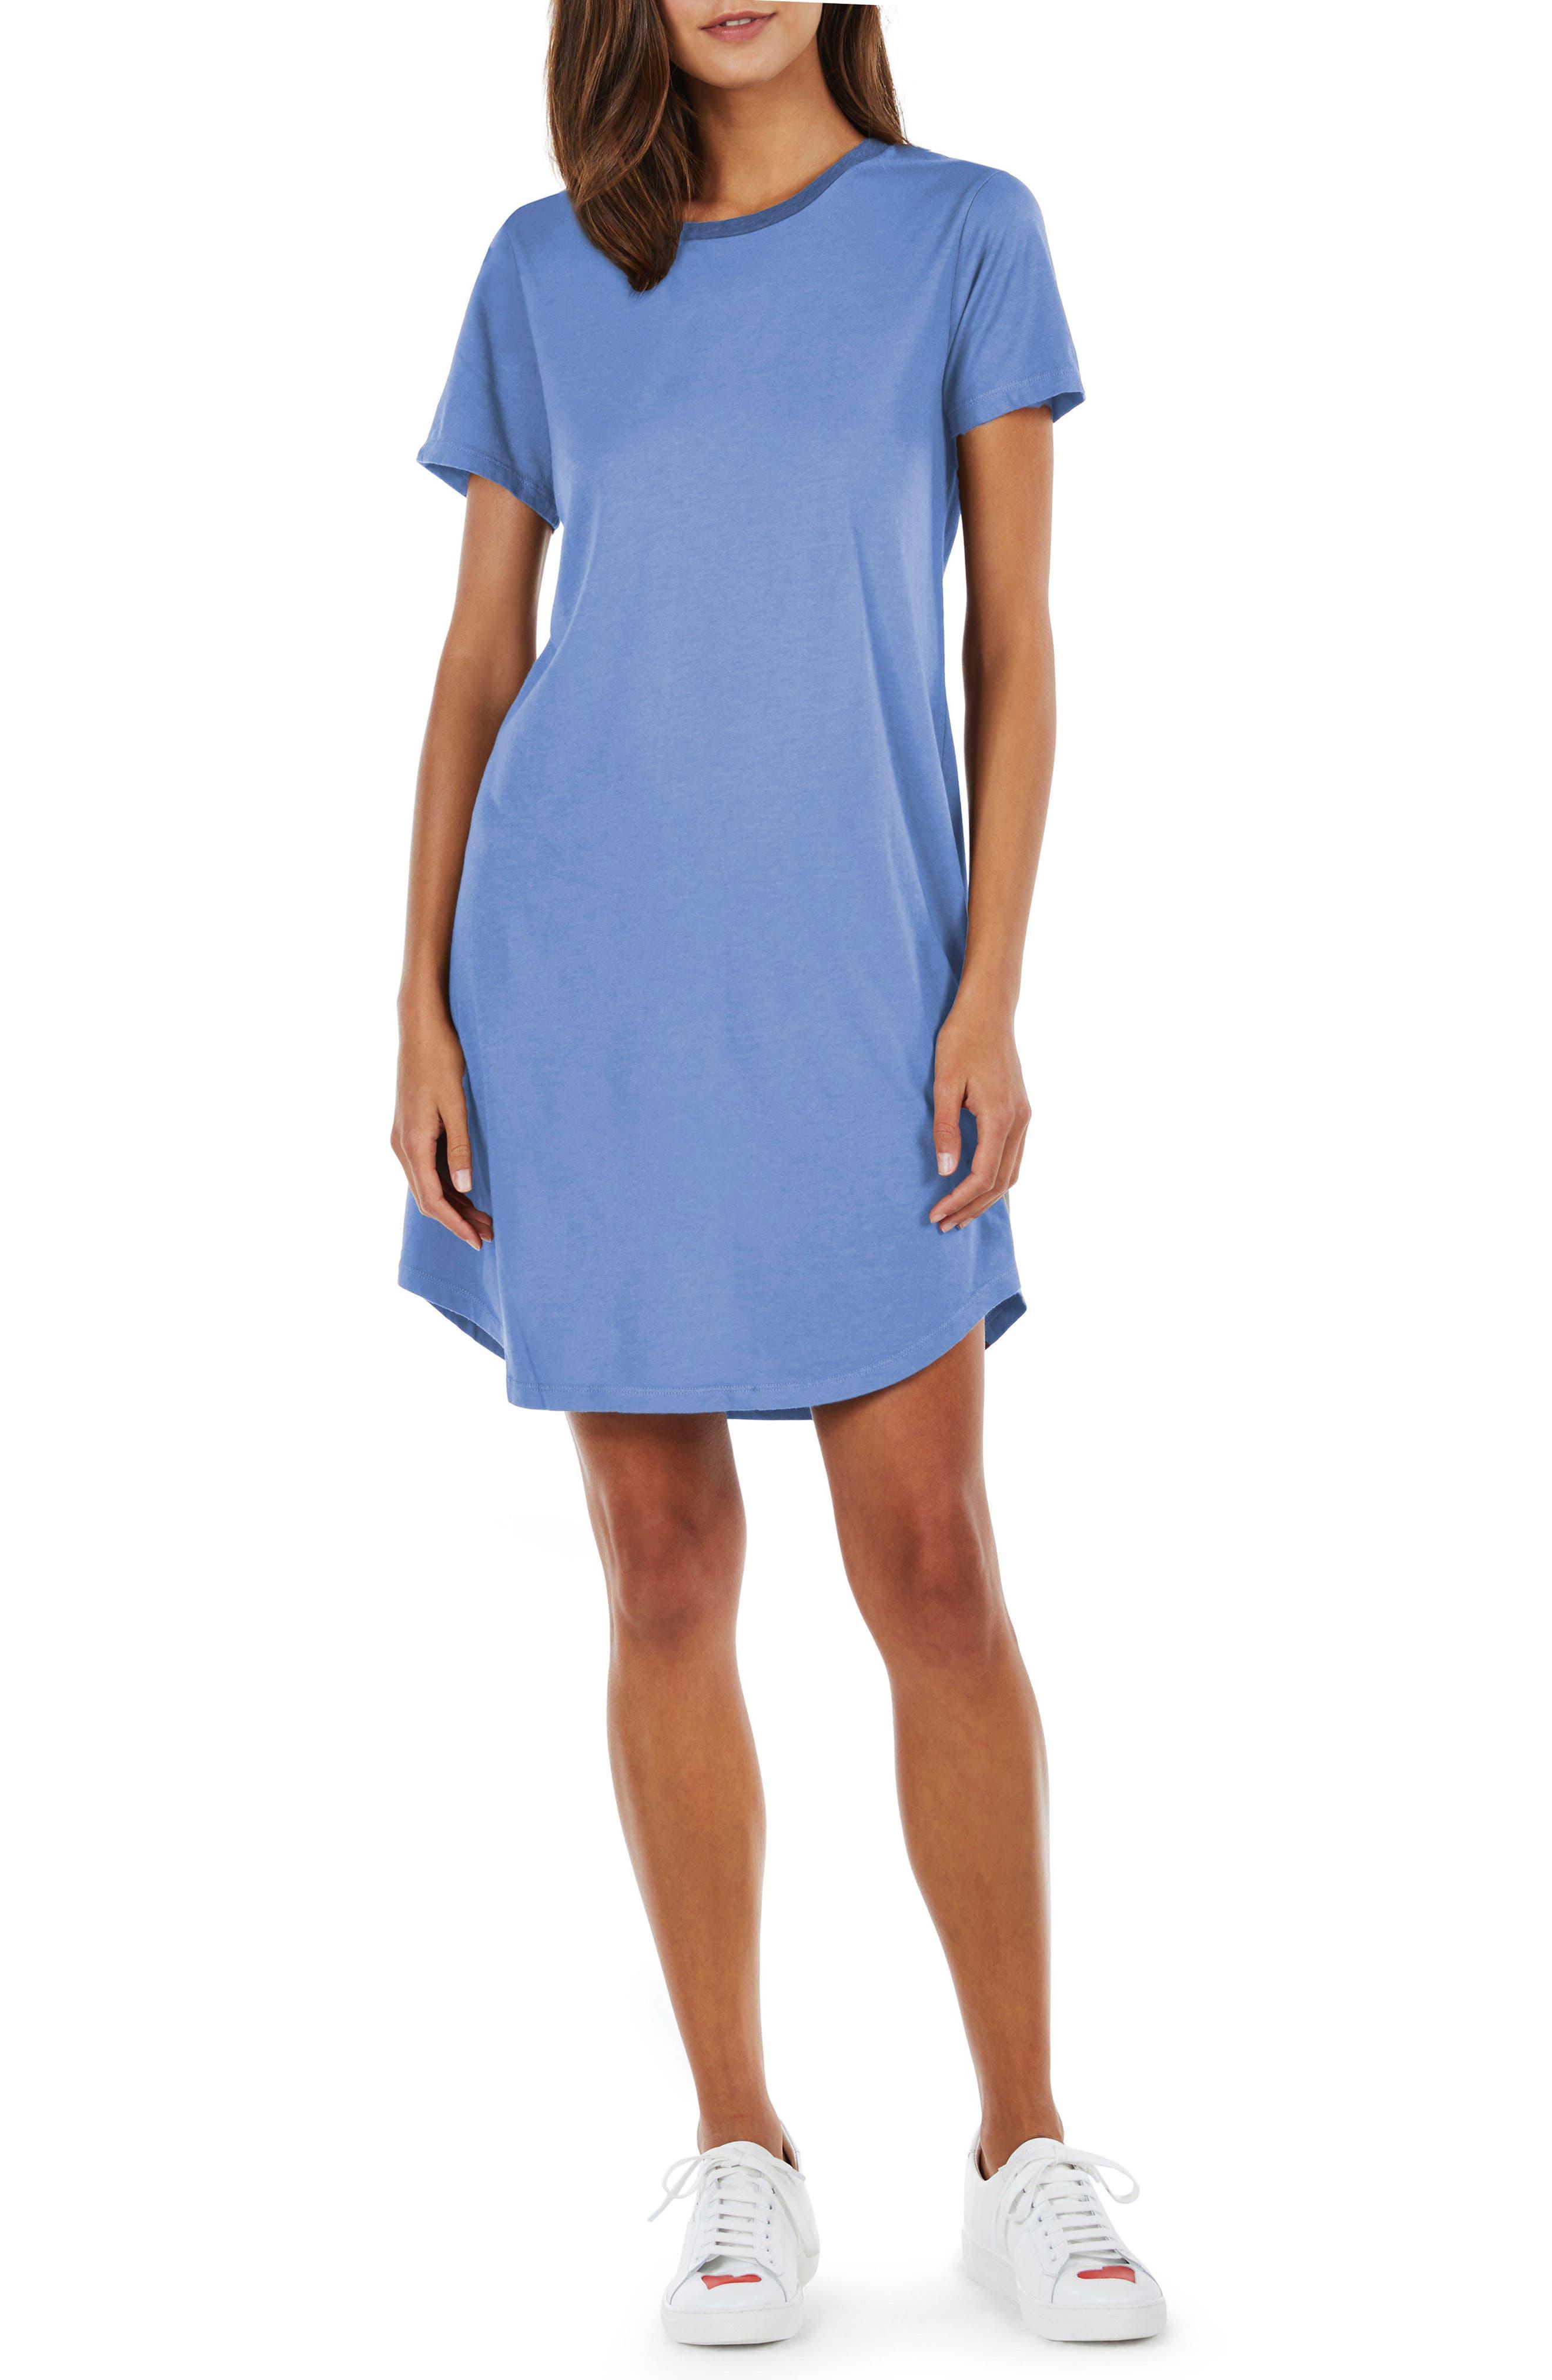 Alternate Image 1 Selected - Michael Stars Ringer T-Shirt Dress